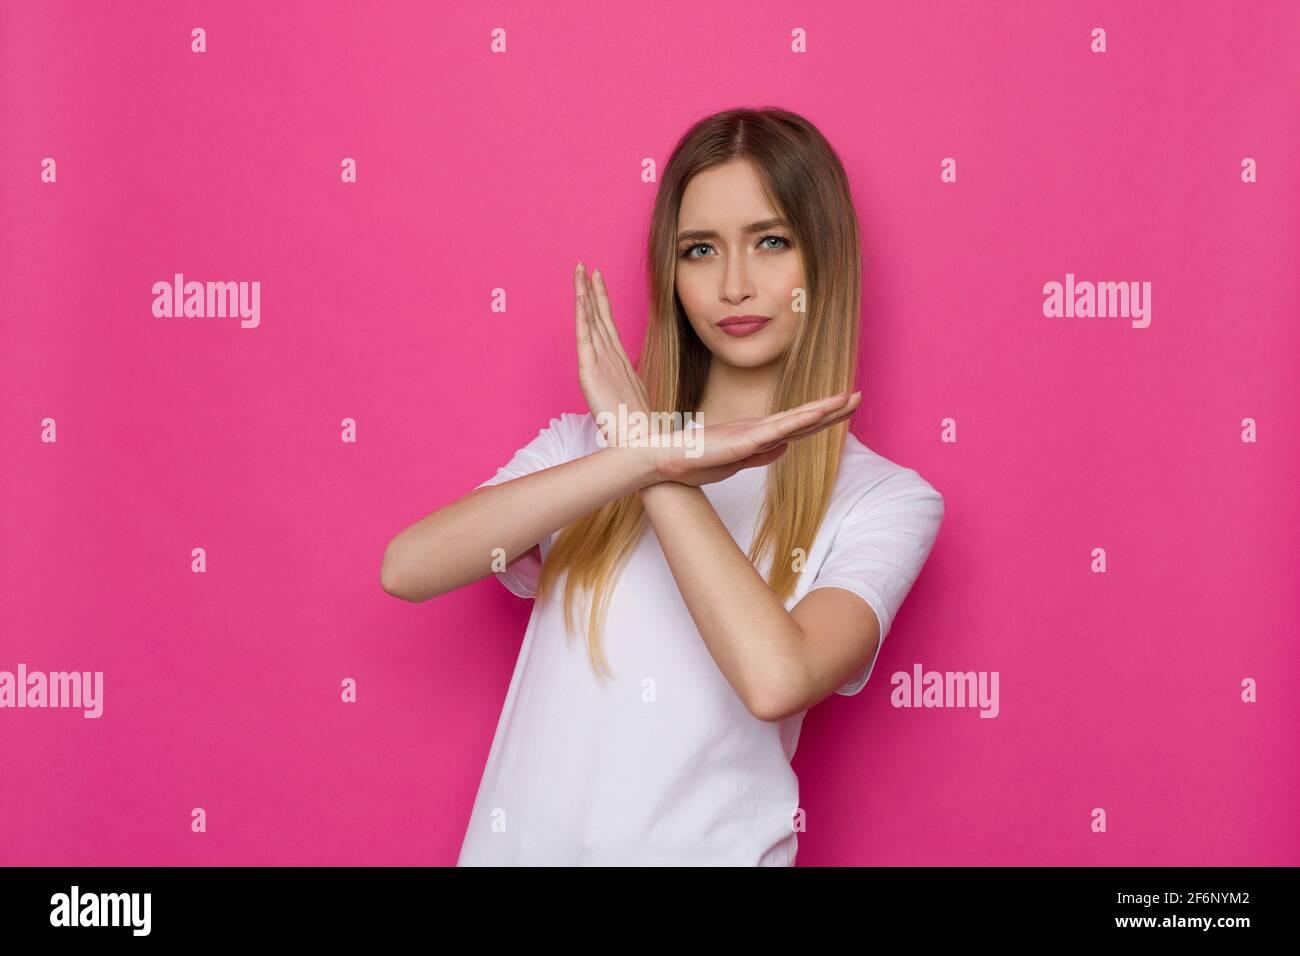 Selbstbewusste junge Frau zeigt KEIN Zeichen mit gekreuzten Händen. Studio-Aufnahme in der Taille auf rosa Hintergrund. Stockfoto